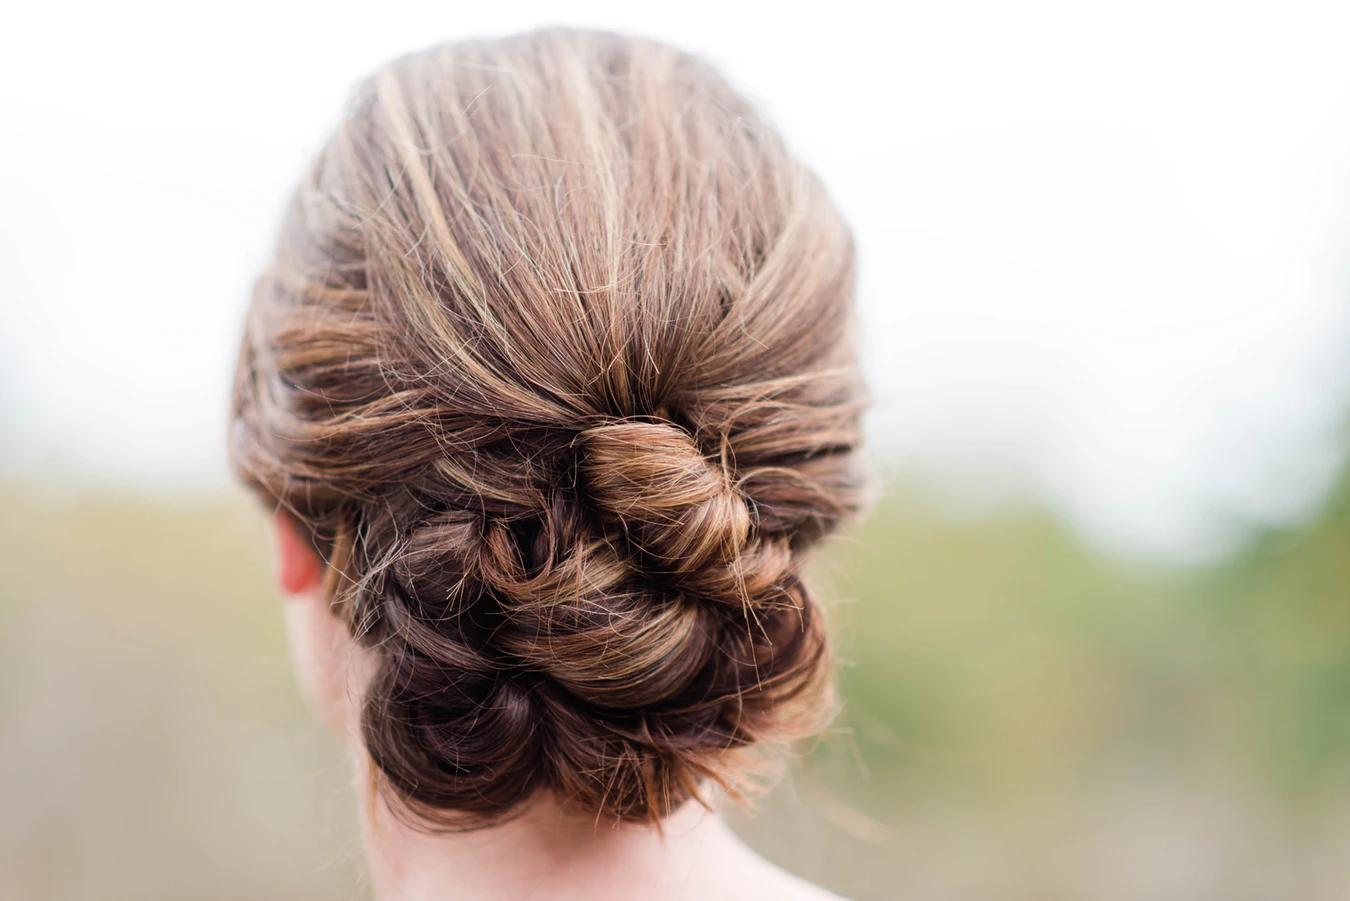 hair dressing tips